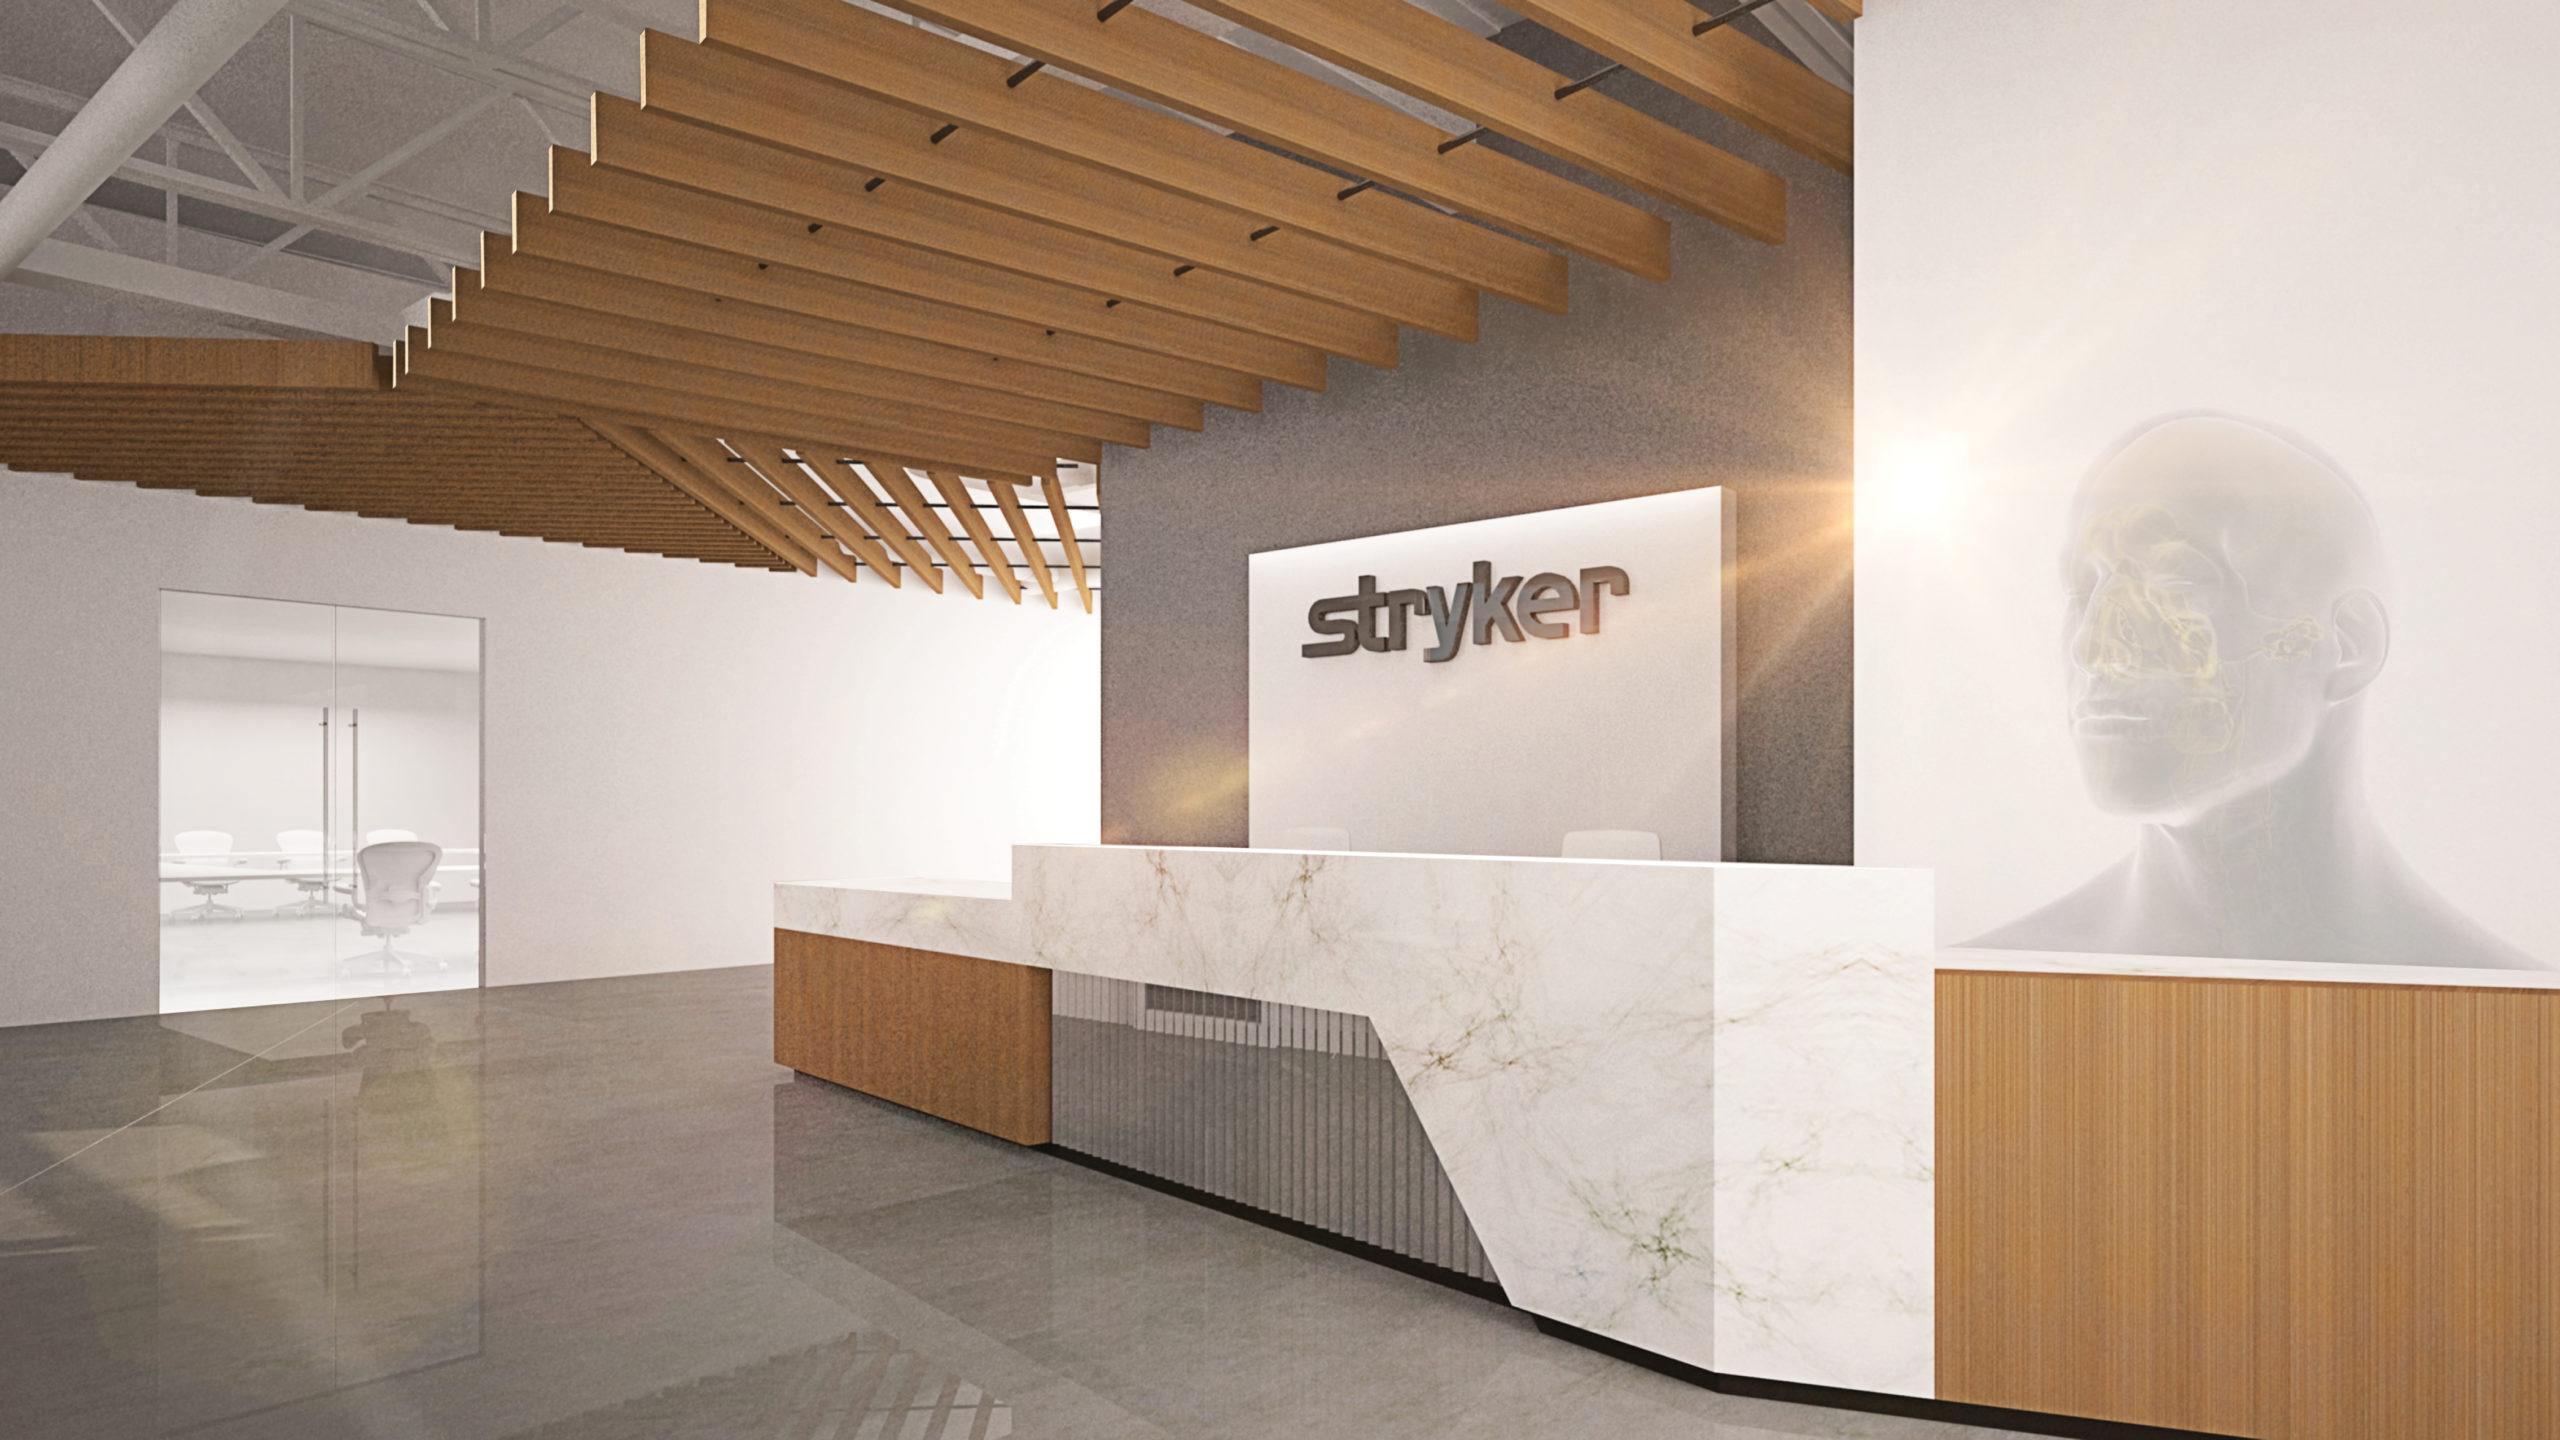 2019 0422 Stryker Aspen Interior views